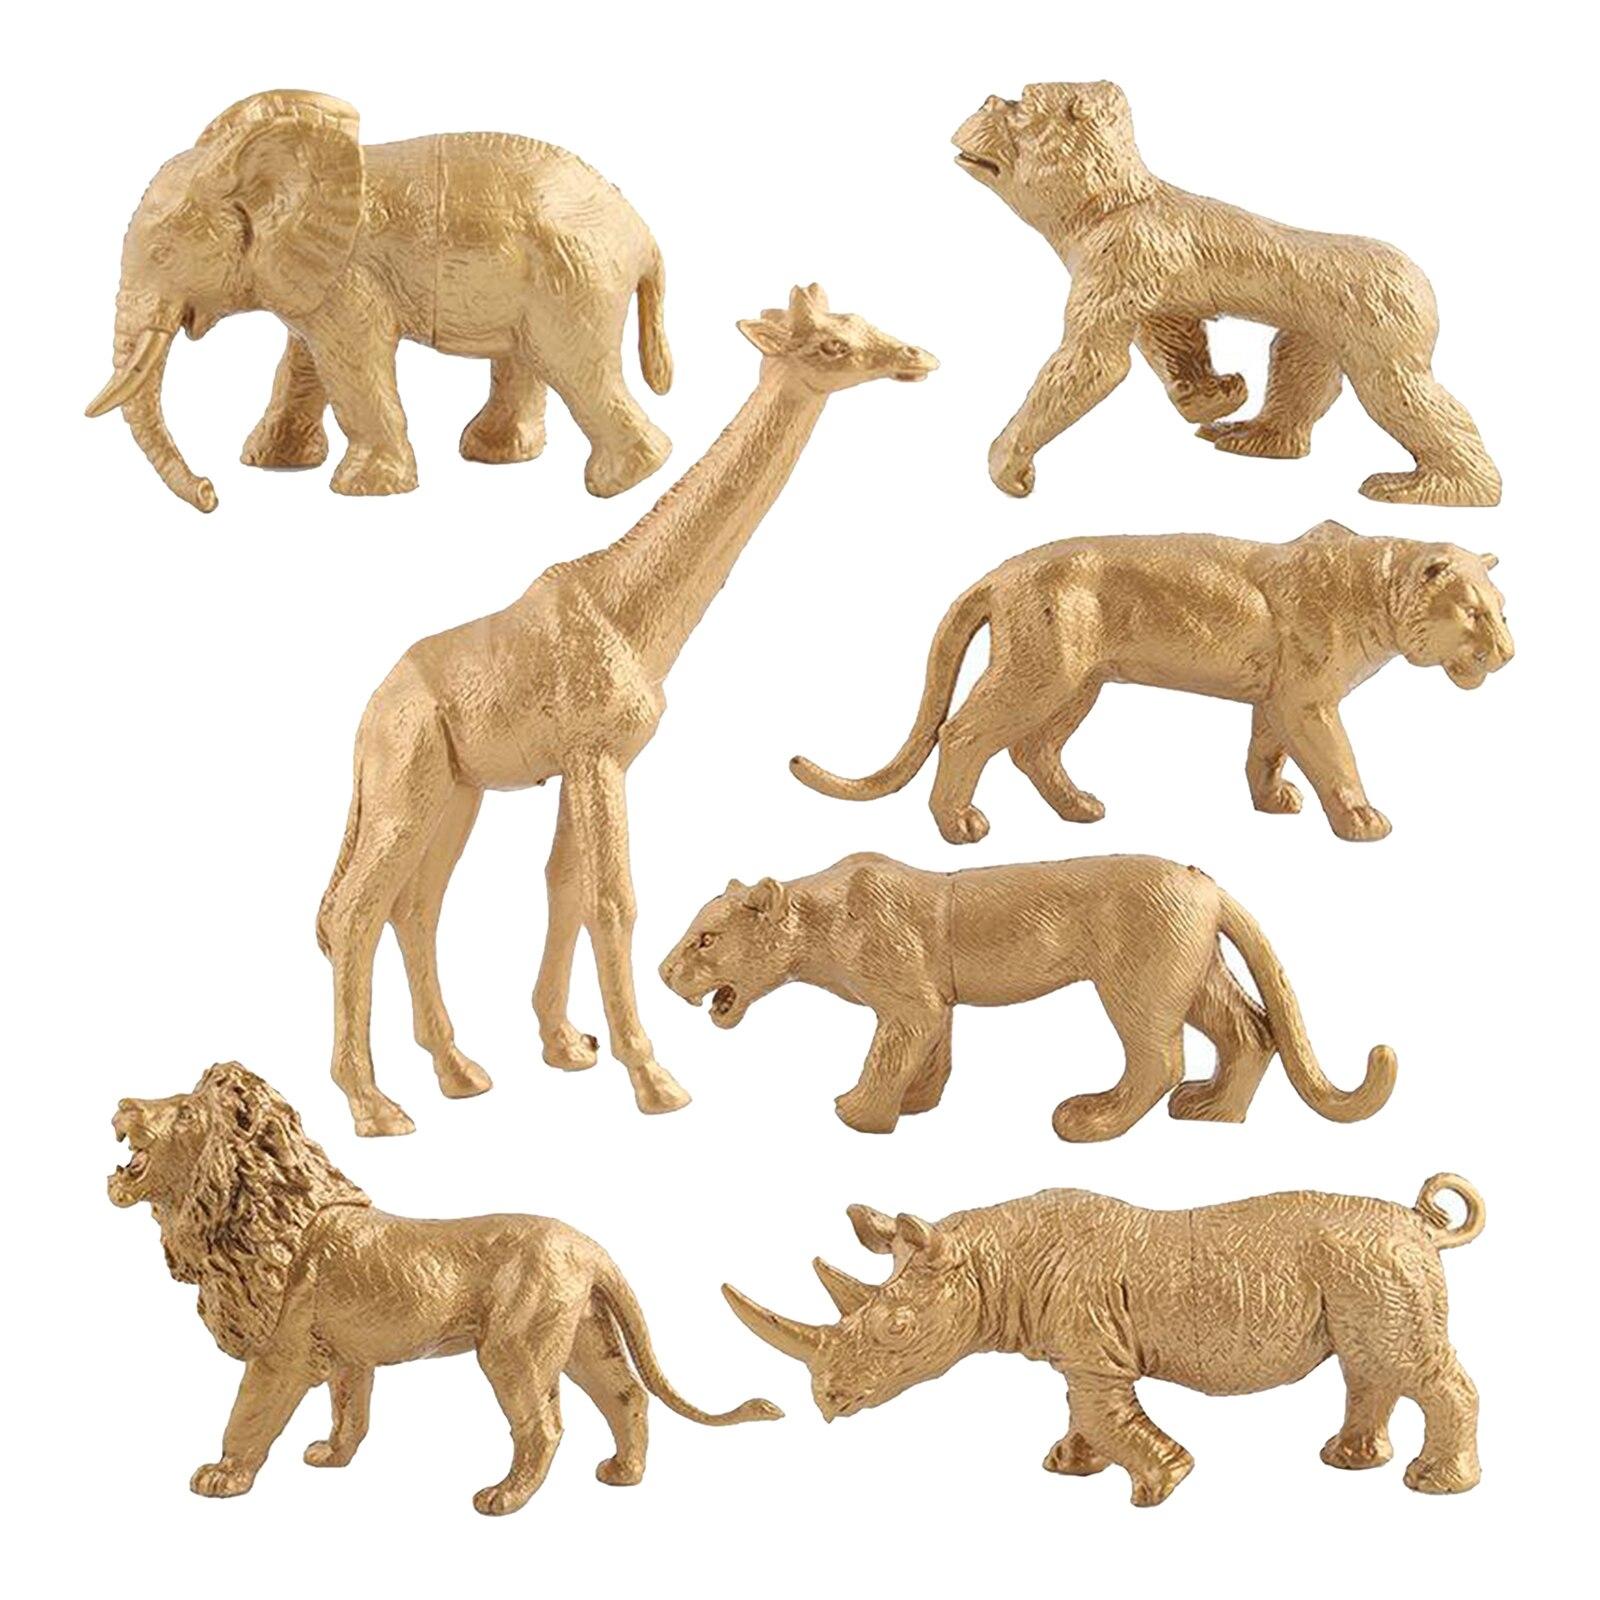 7 шт./компл. ПВХ Фигурки диких животных, имитационная модель, статуэтка, статуэтка, золотистый развивающий лес, игрушки для детей, подарок на ...